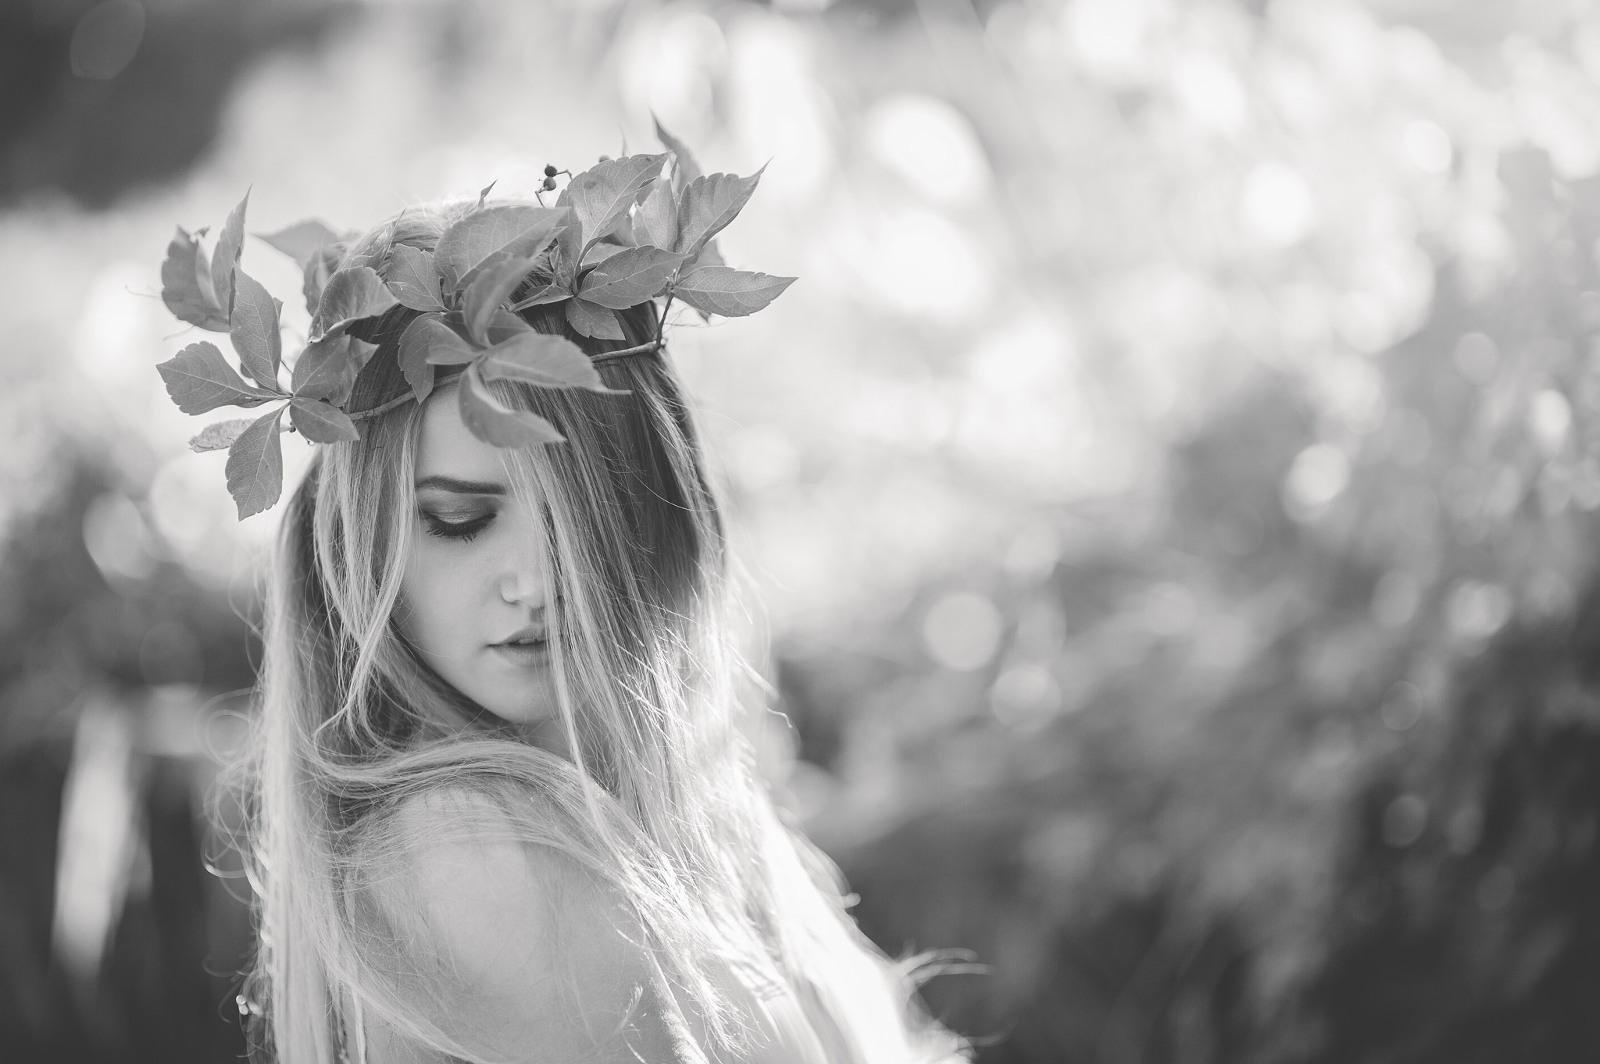 ritratto di ragazza con corona di fiori